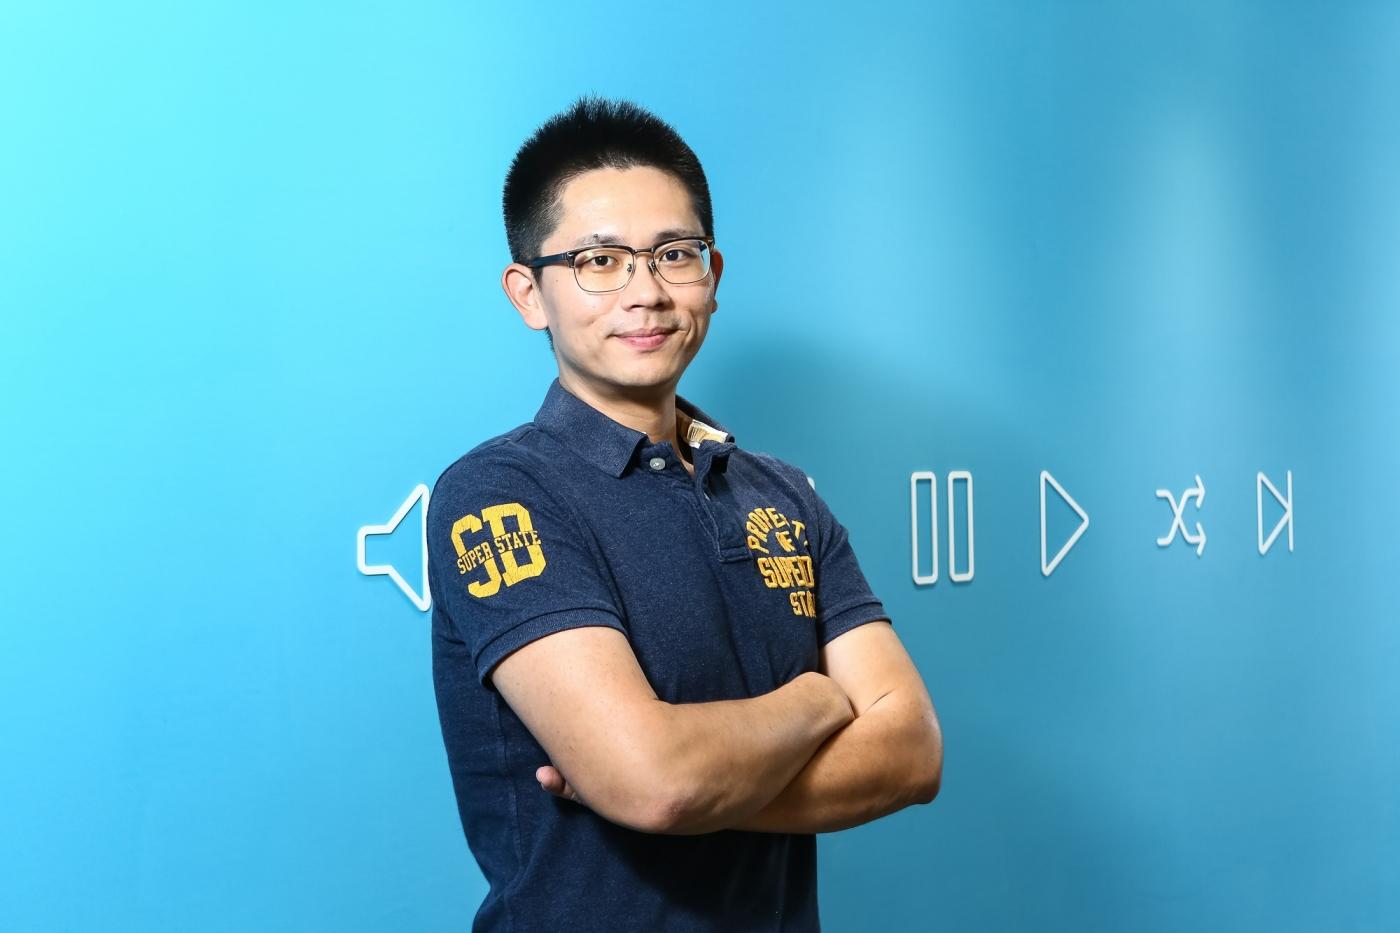 【獨家專訪】KKBOX史上最年輕總經理!年僅33歲的「理工男」黃嘉宏,如何用數據玩轉音樂?